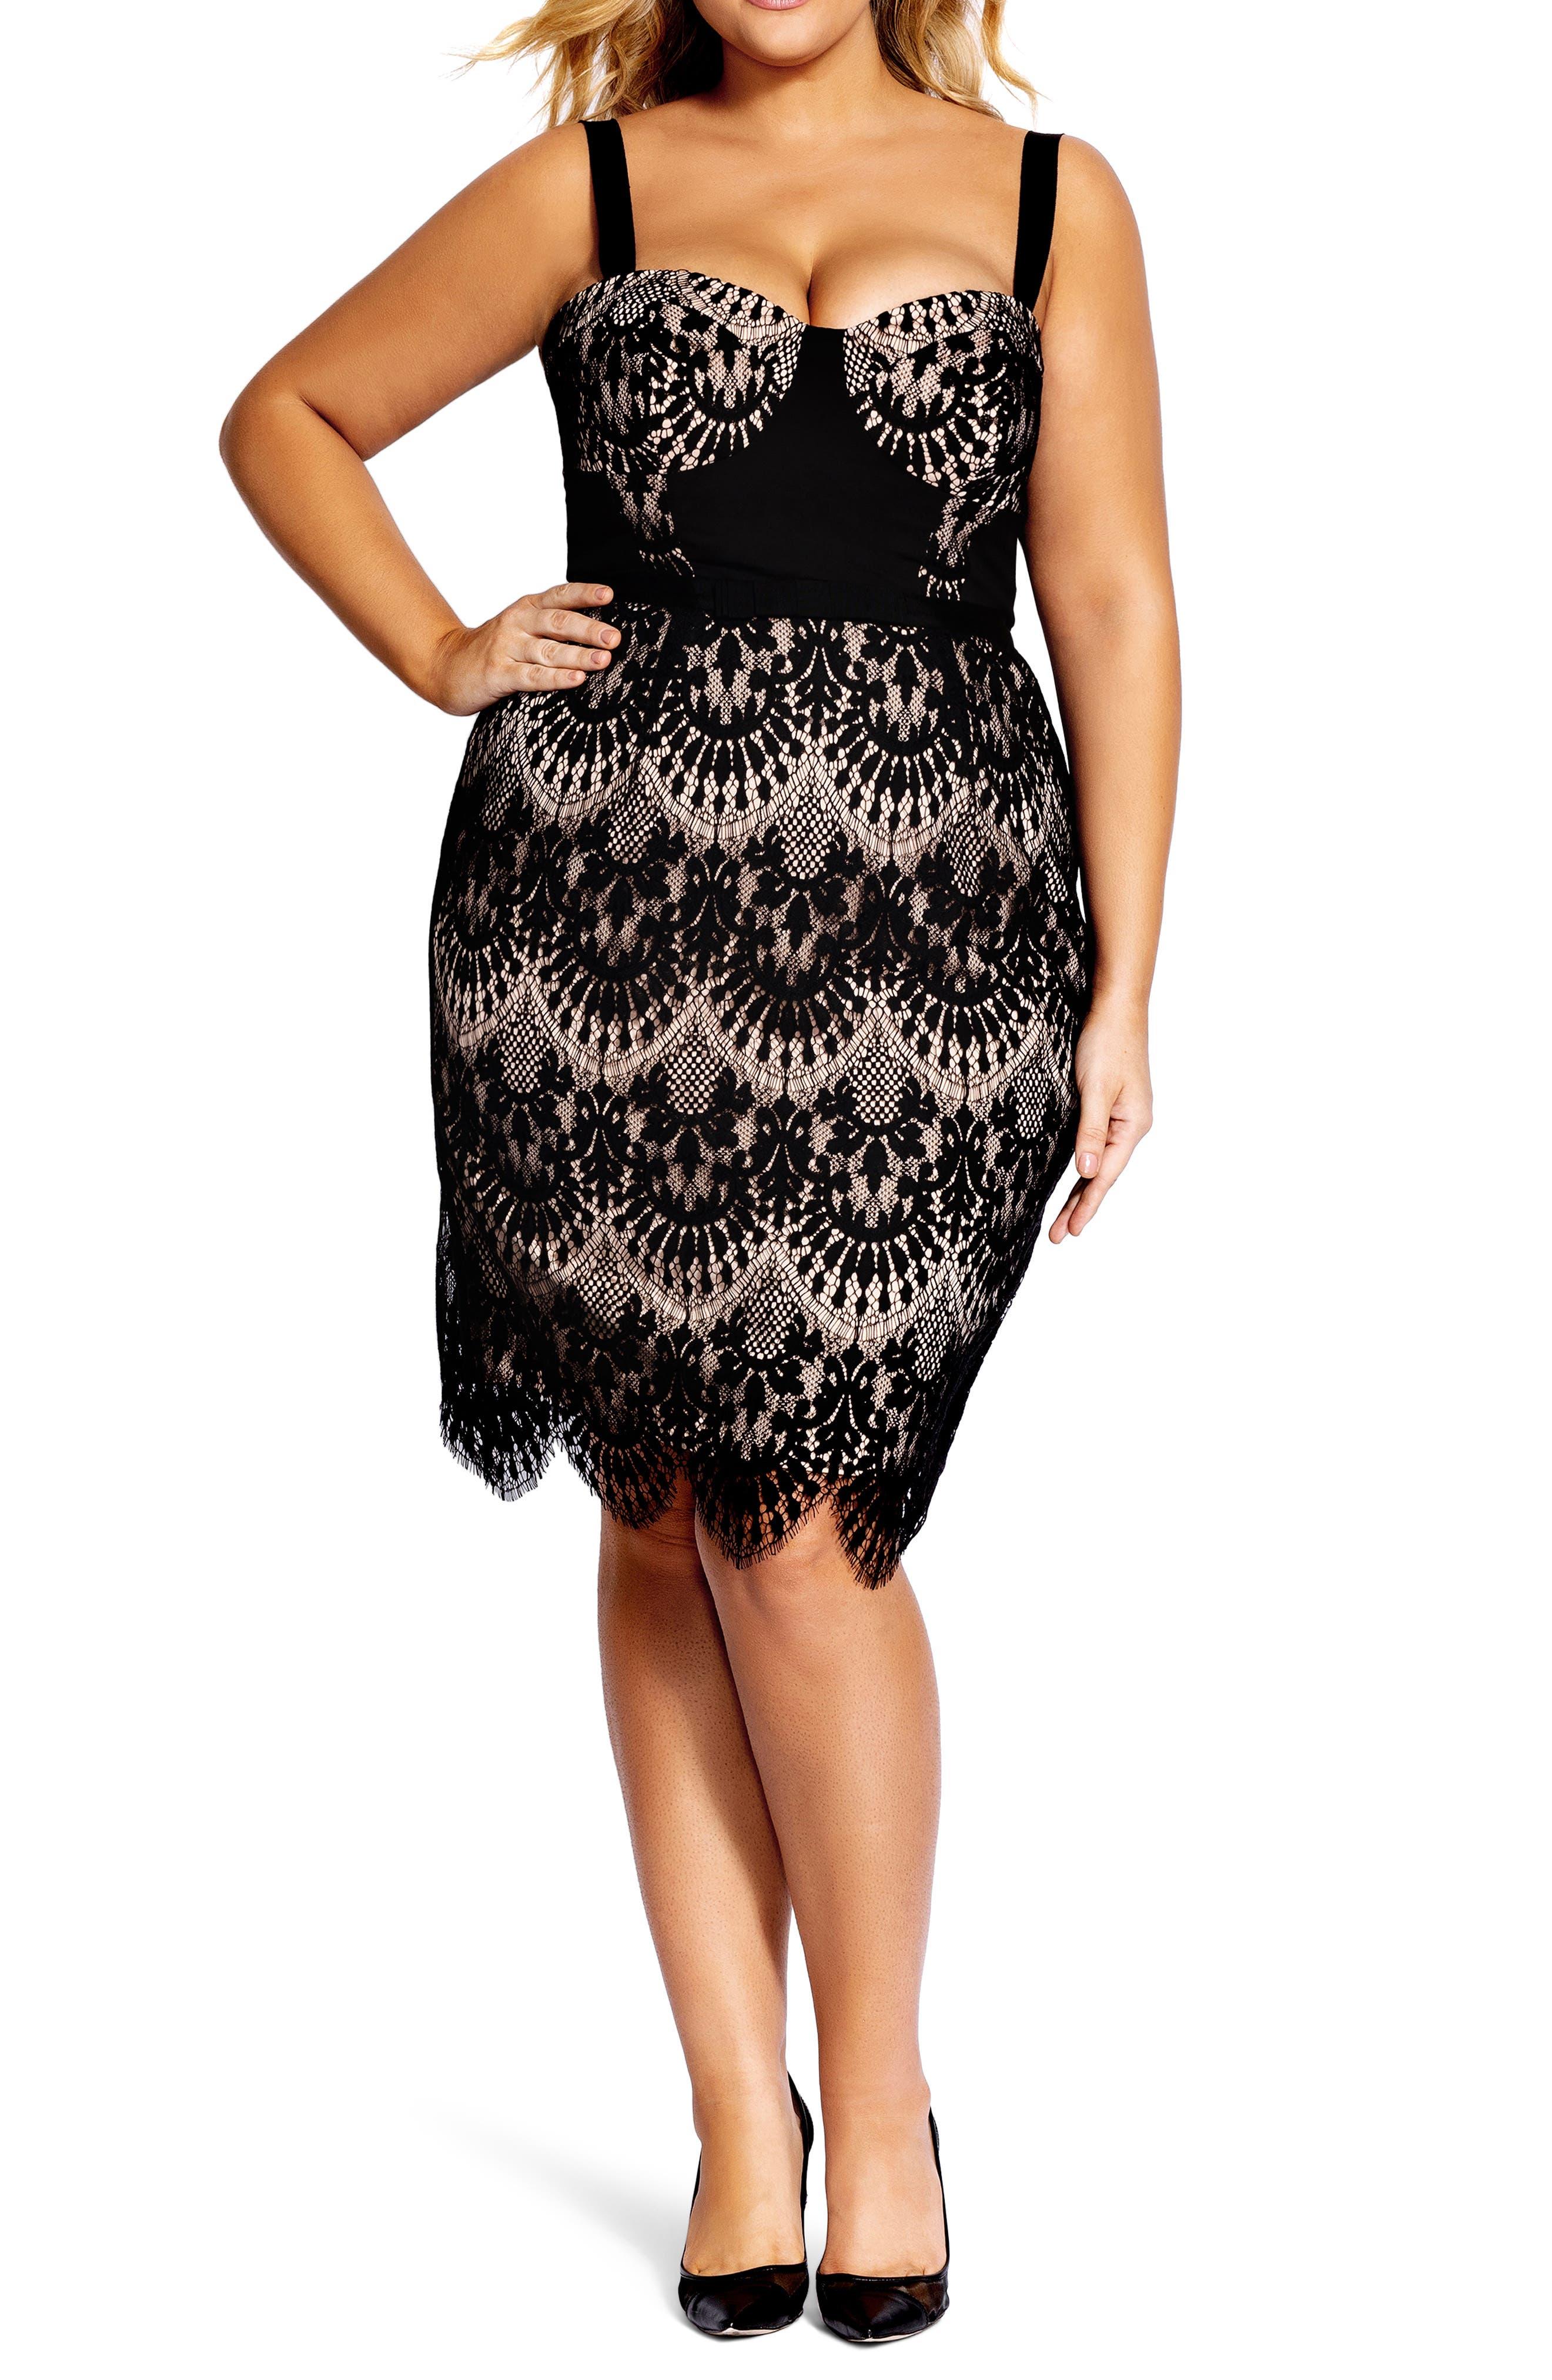 Plus Size City Chic Jolie Scallop Lace Sheath Dress, Black